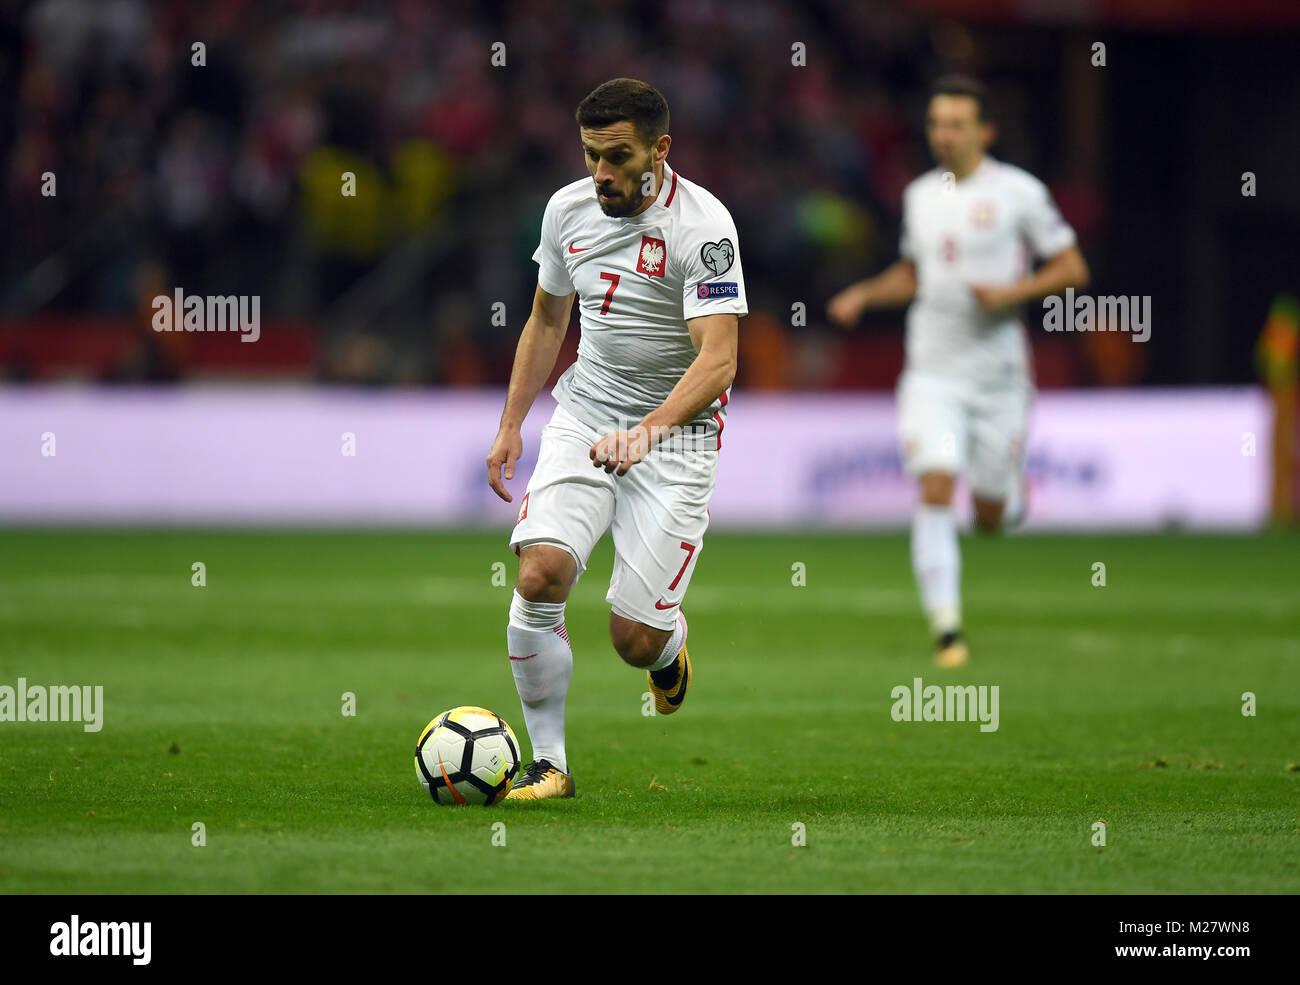 El 8 de octubre, 2017 - Varsovia, Polonia: la Copa Mundial de Fútbol Rusia 2018 calificación coincidan Imagen De Stock